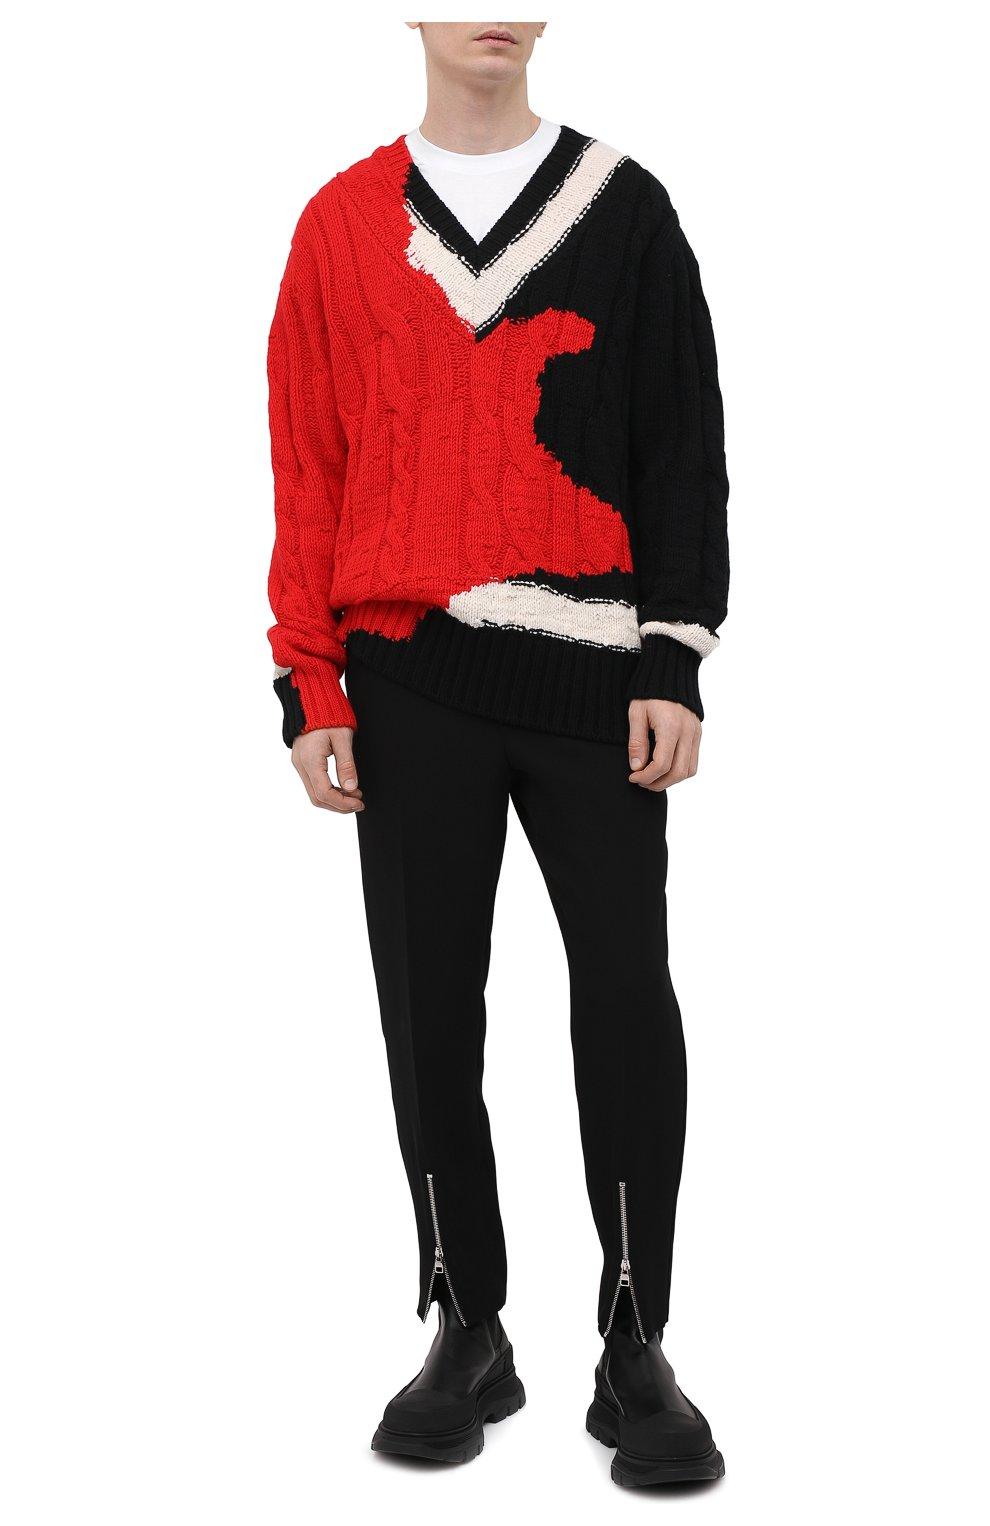 Мужской шерстяной свитер ALEXANDER MCQUEEN разноцветного цвета, арт. 651177/Q1ATN | Фото 2 (Материал внешний: Шерсть; Рукава: Длинные; Длина (для топов): Стандартные; Стили: Гранж; Принт: С принтом; Мужское Кросс-КТ: Свитер-одежда)